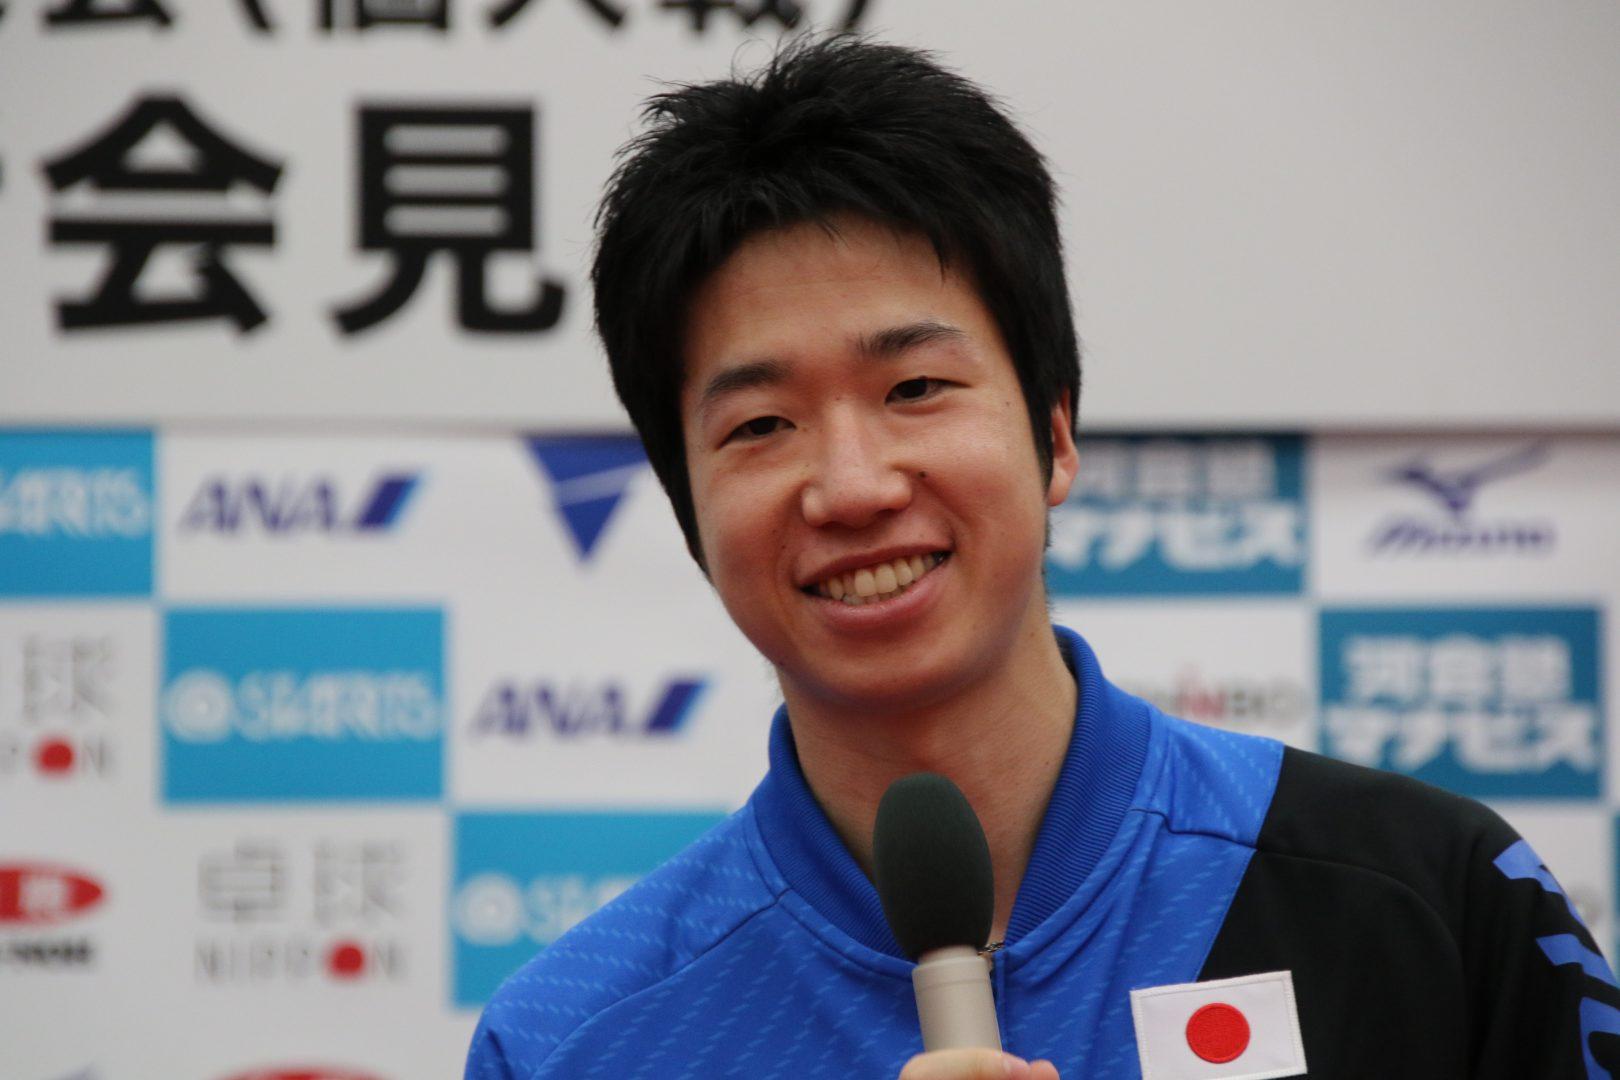 【卓球】「平成→令和」で大喜利合戦に?! 世界卓球の壮行会で和やかな一幕